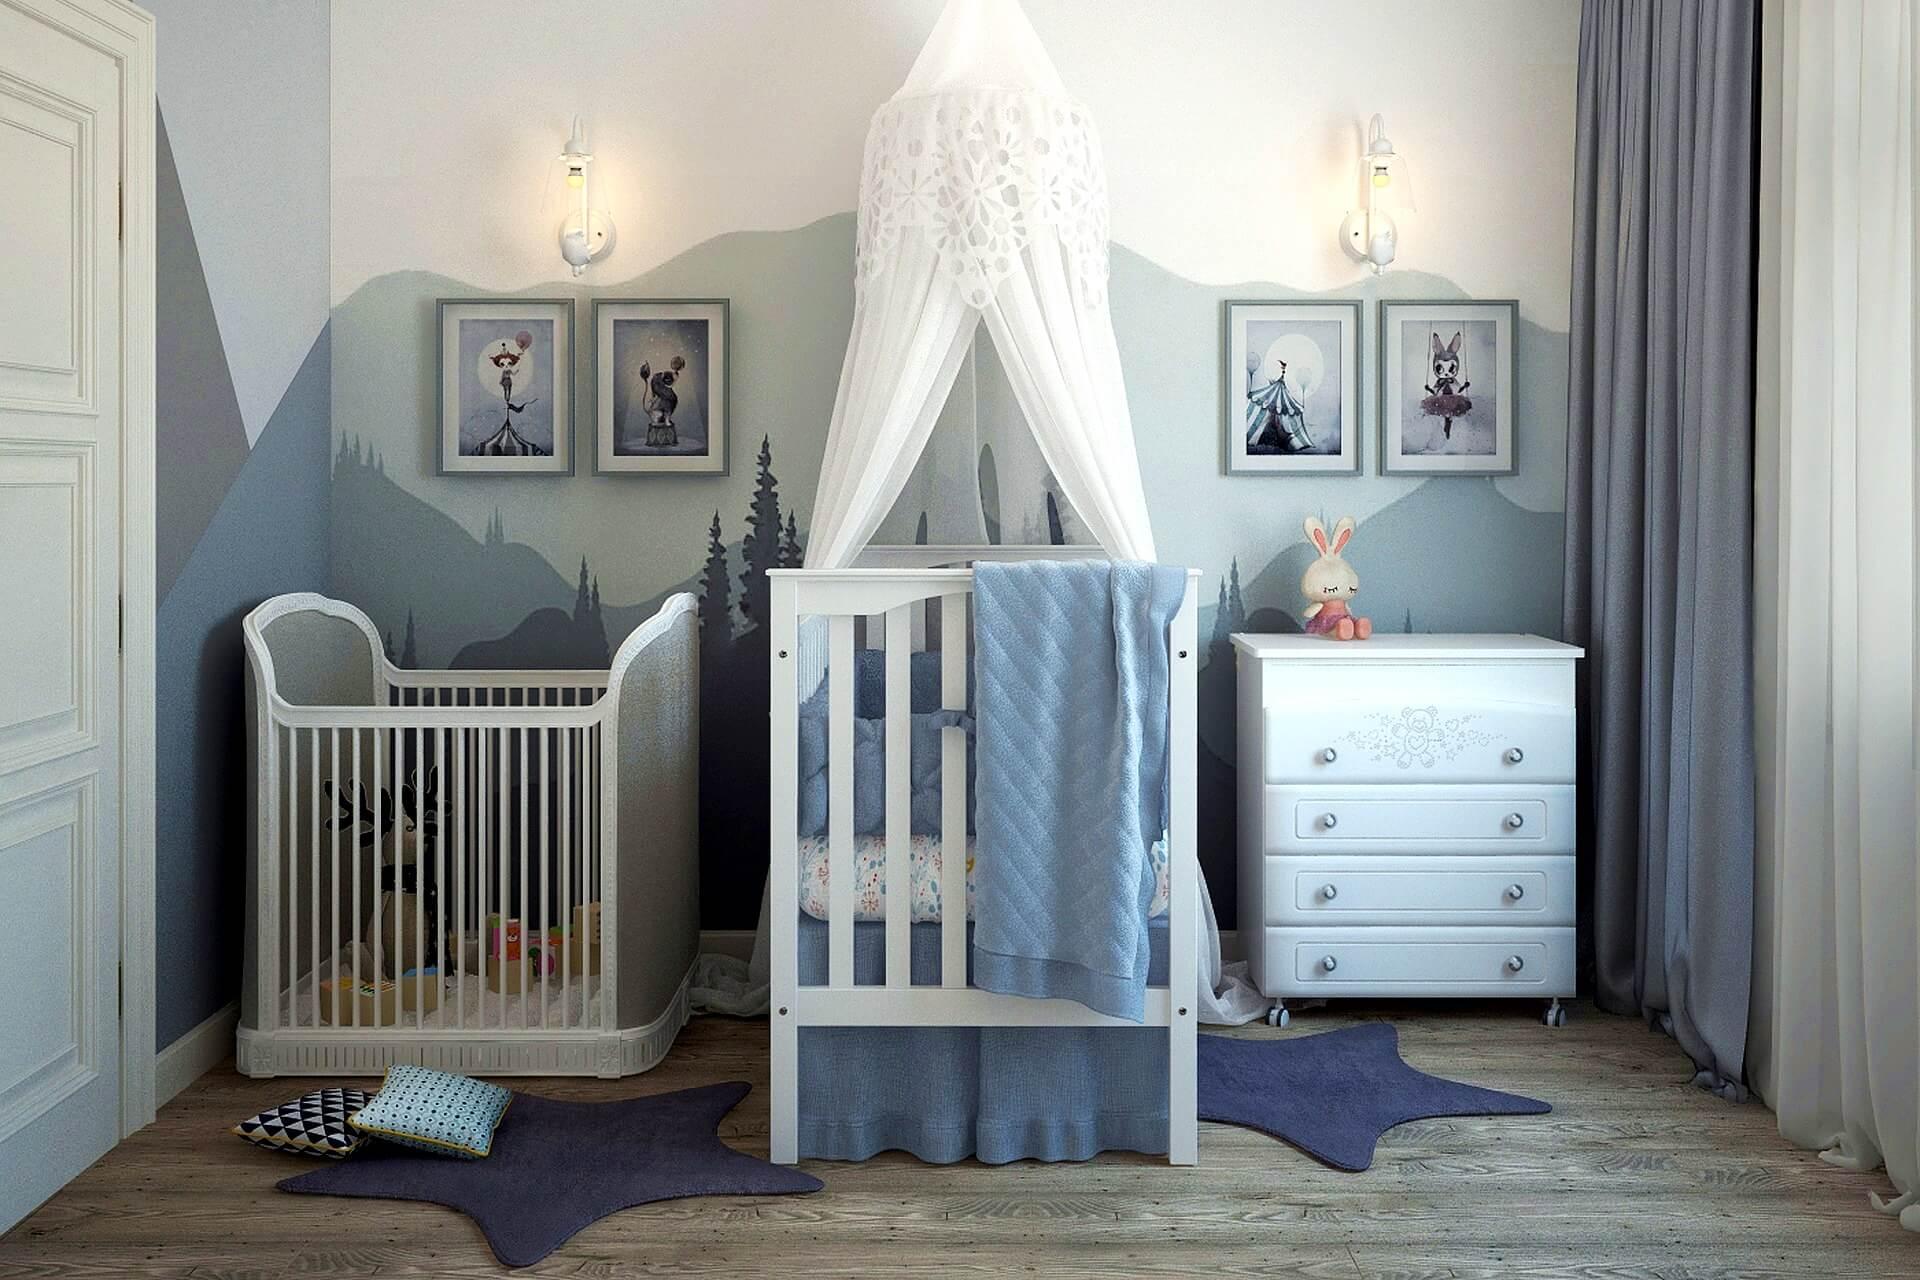 Babyzimmer in Grautönen mit aufgemalter Berglandschaft